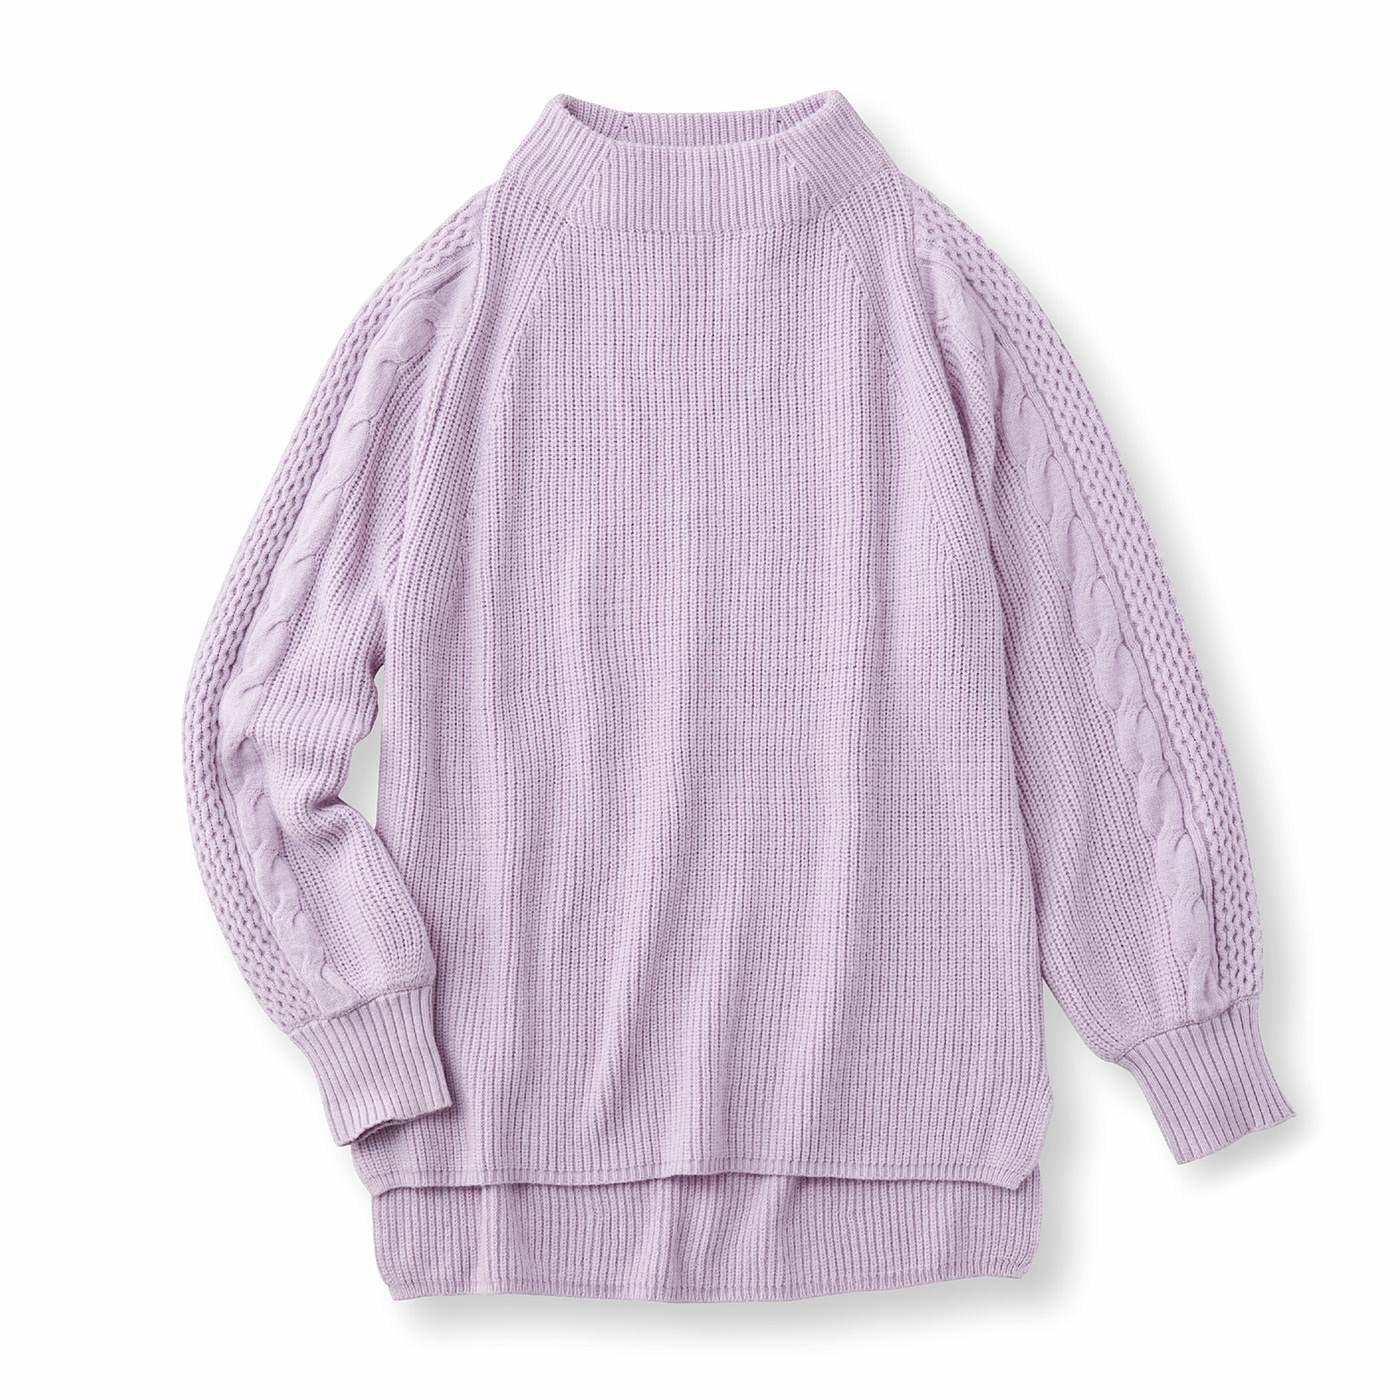 フラウグラット 編み柄ですっきり見え やさしいカラーのふわもっちり ぷっくり袖ニットの会